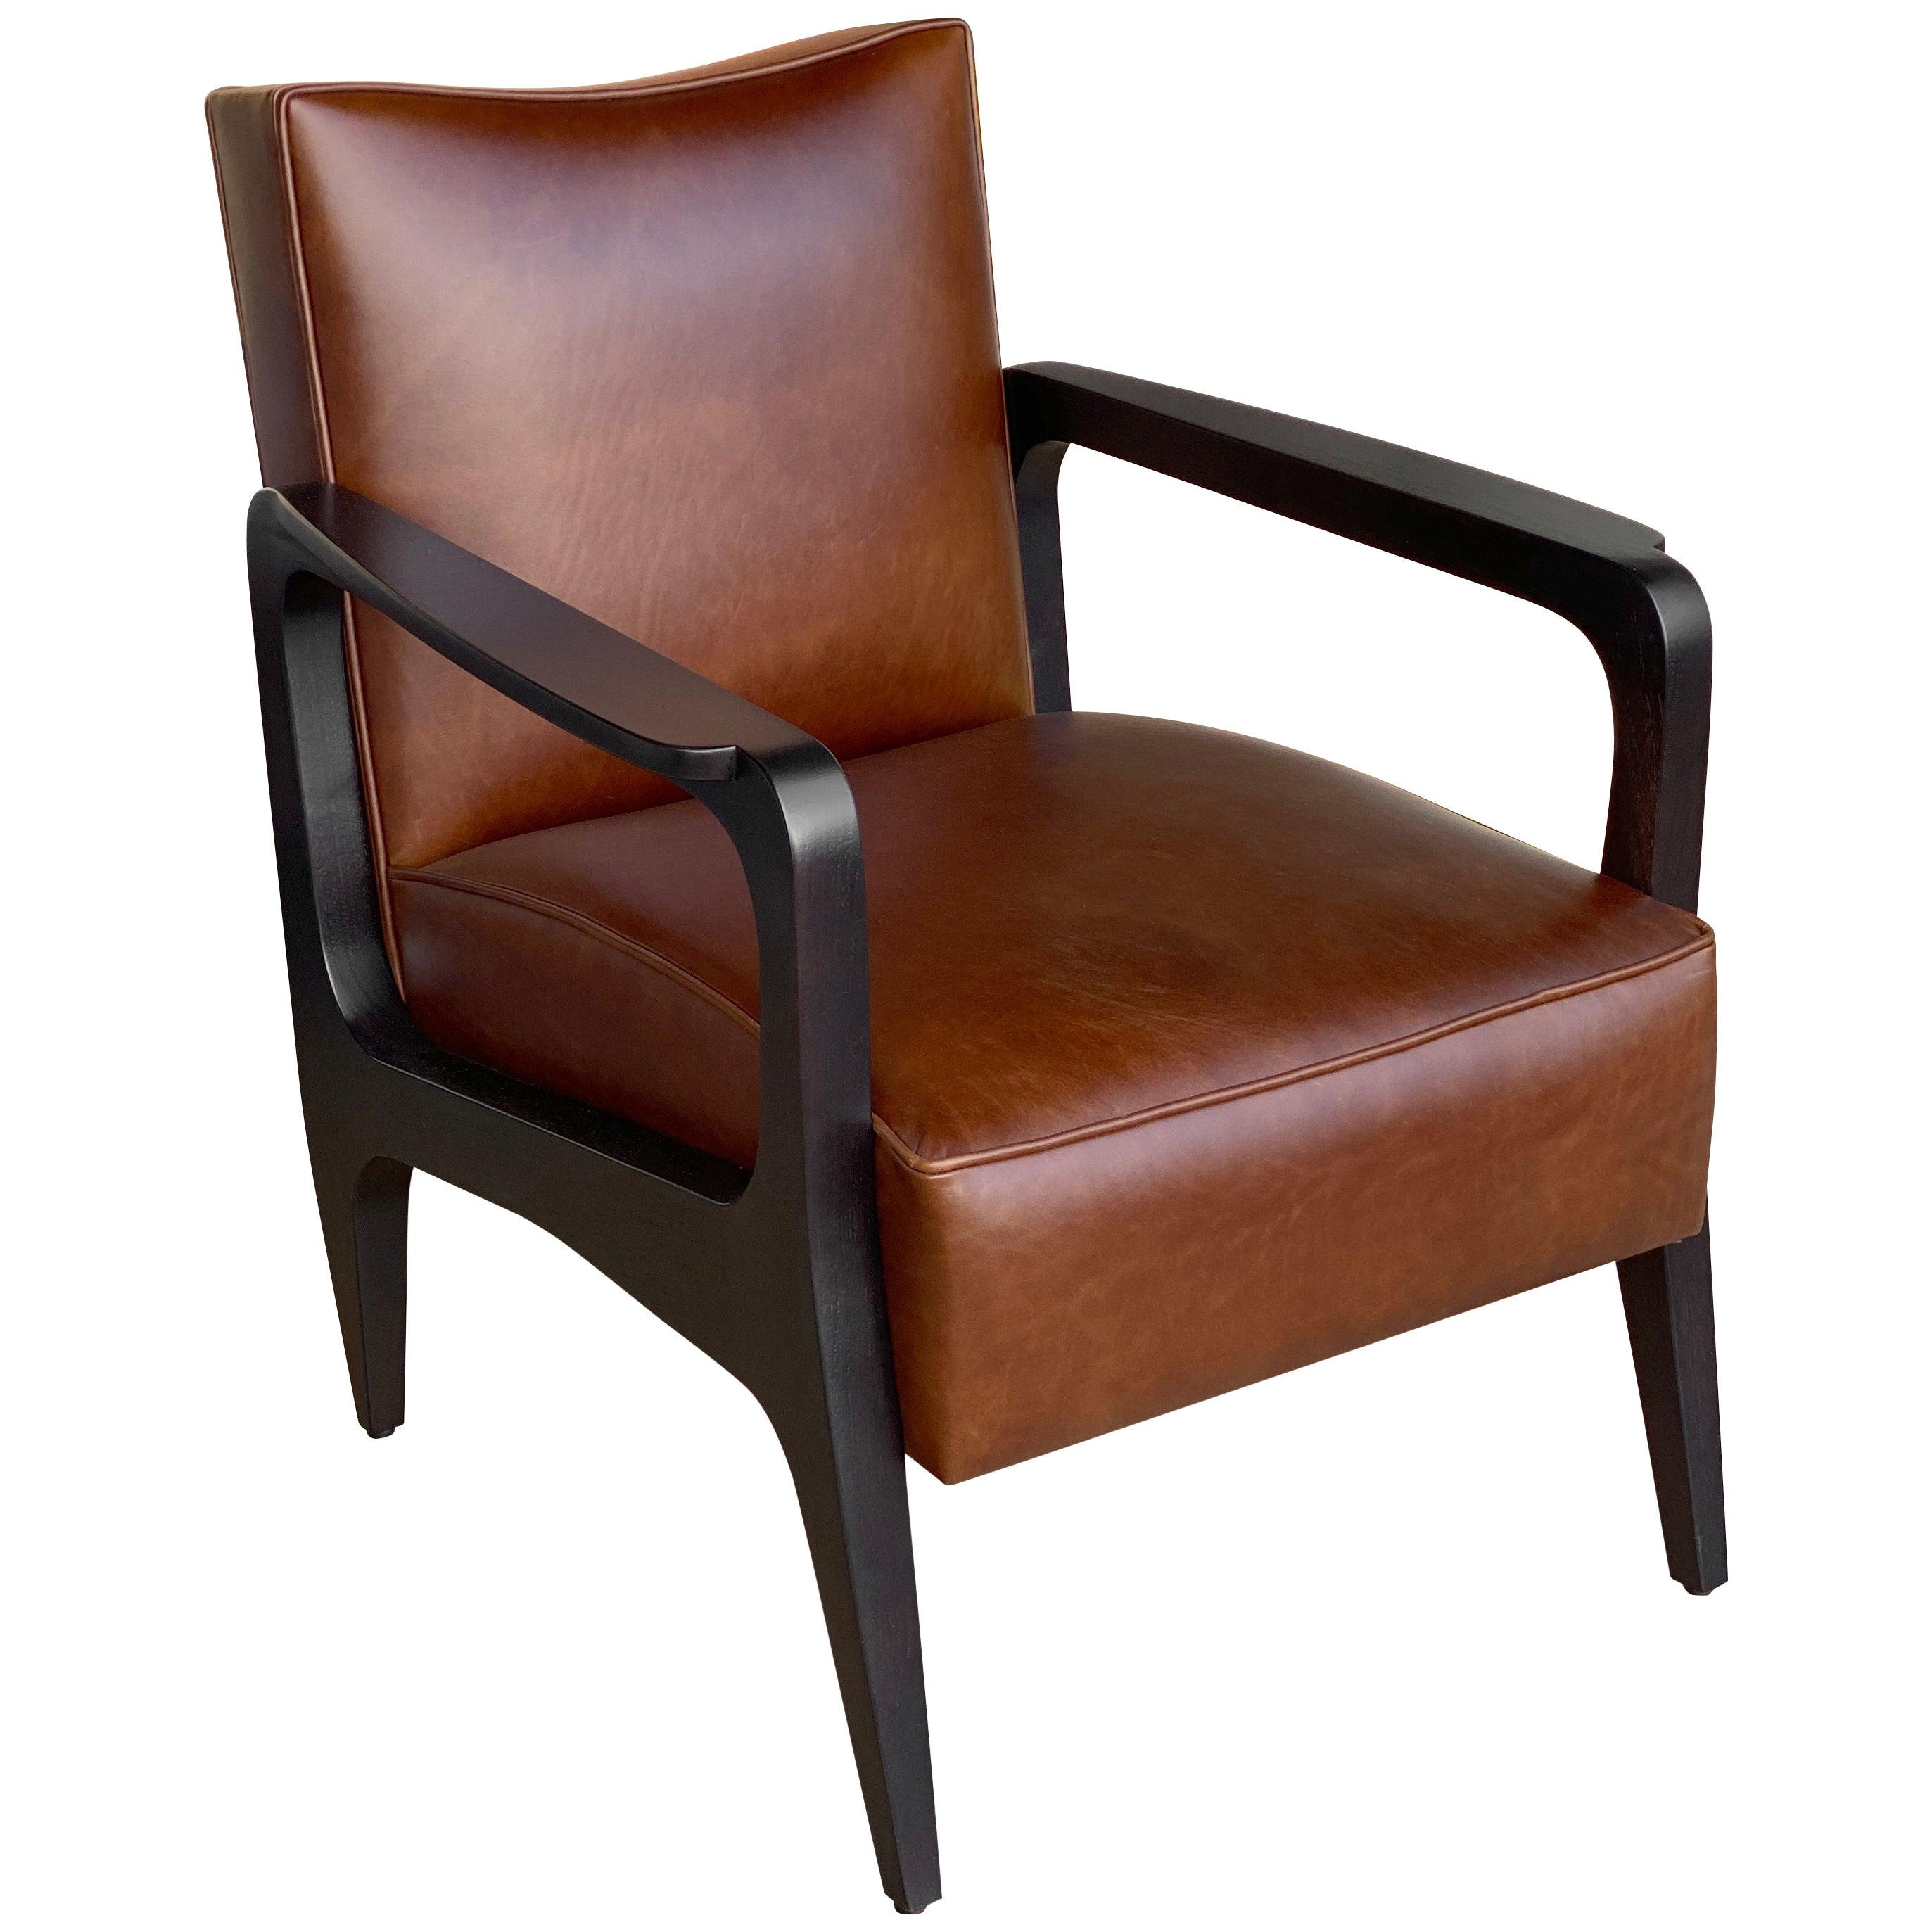 Art Deco Inspired Atena Armchair in Walnut Black Ebony and Moka Bull Leather